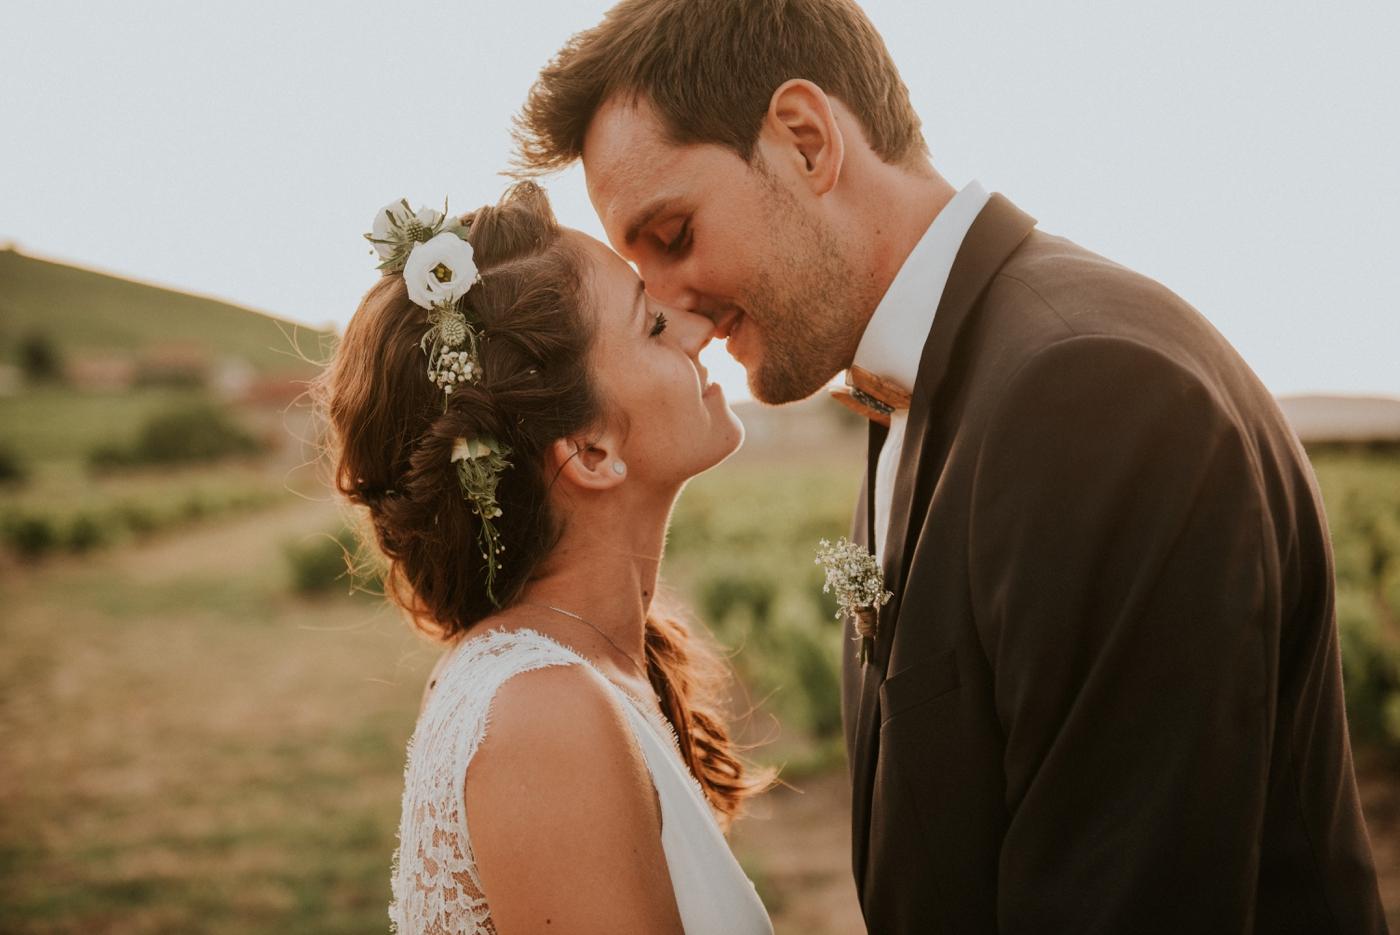 photographe mariage folk boheme grenoble lyon annecy suisse ceremonie laique naturel lifestyle mariage champetre_0002